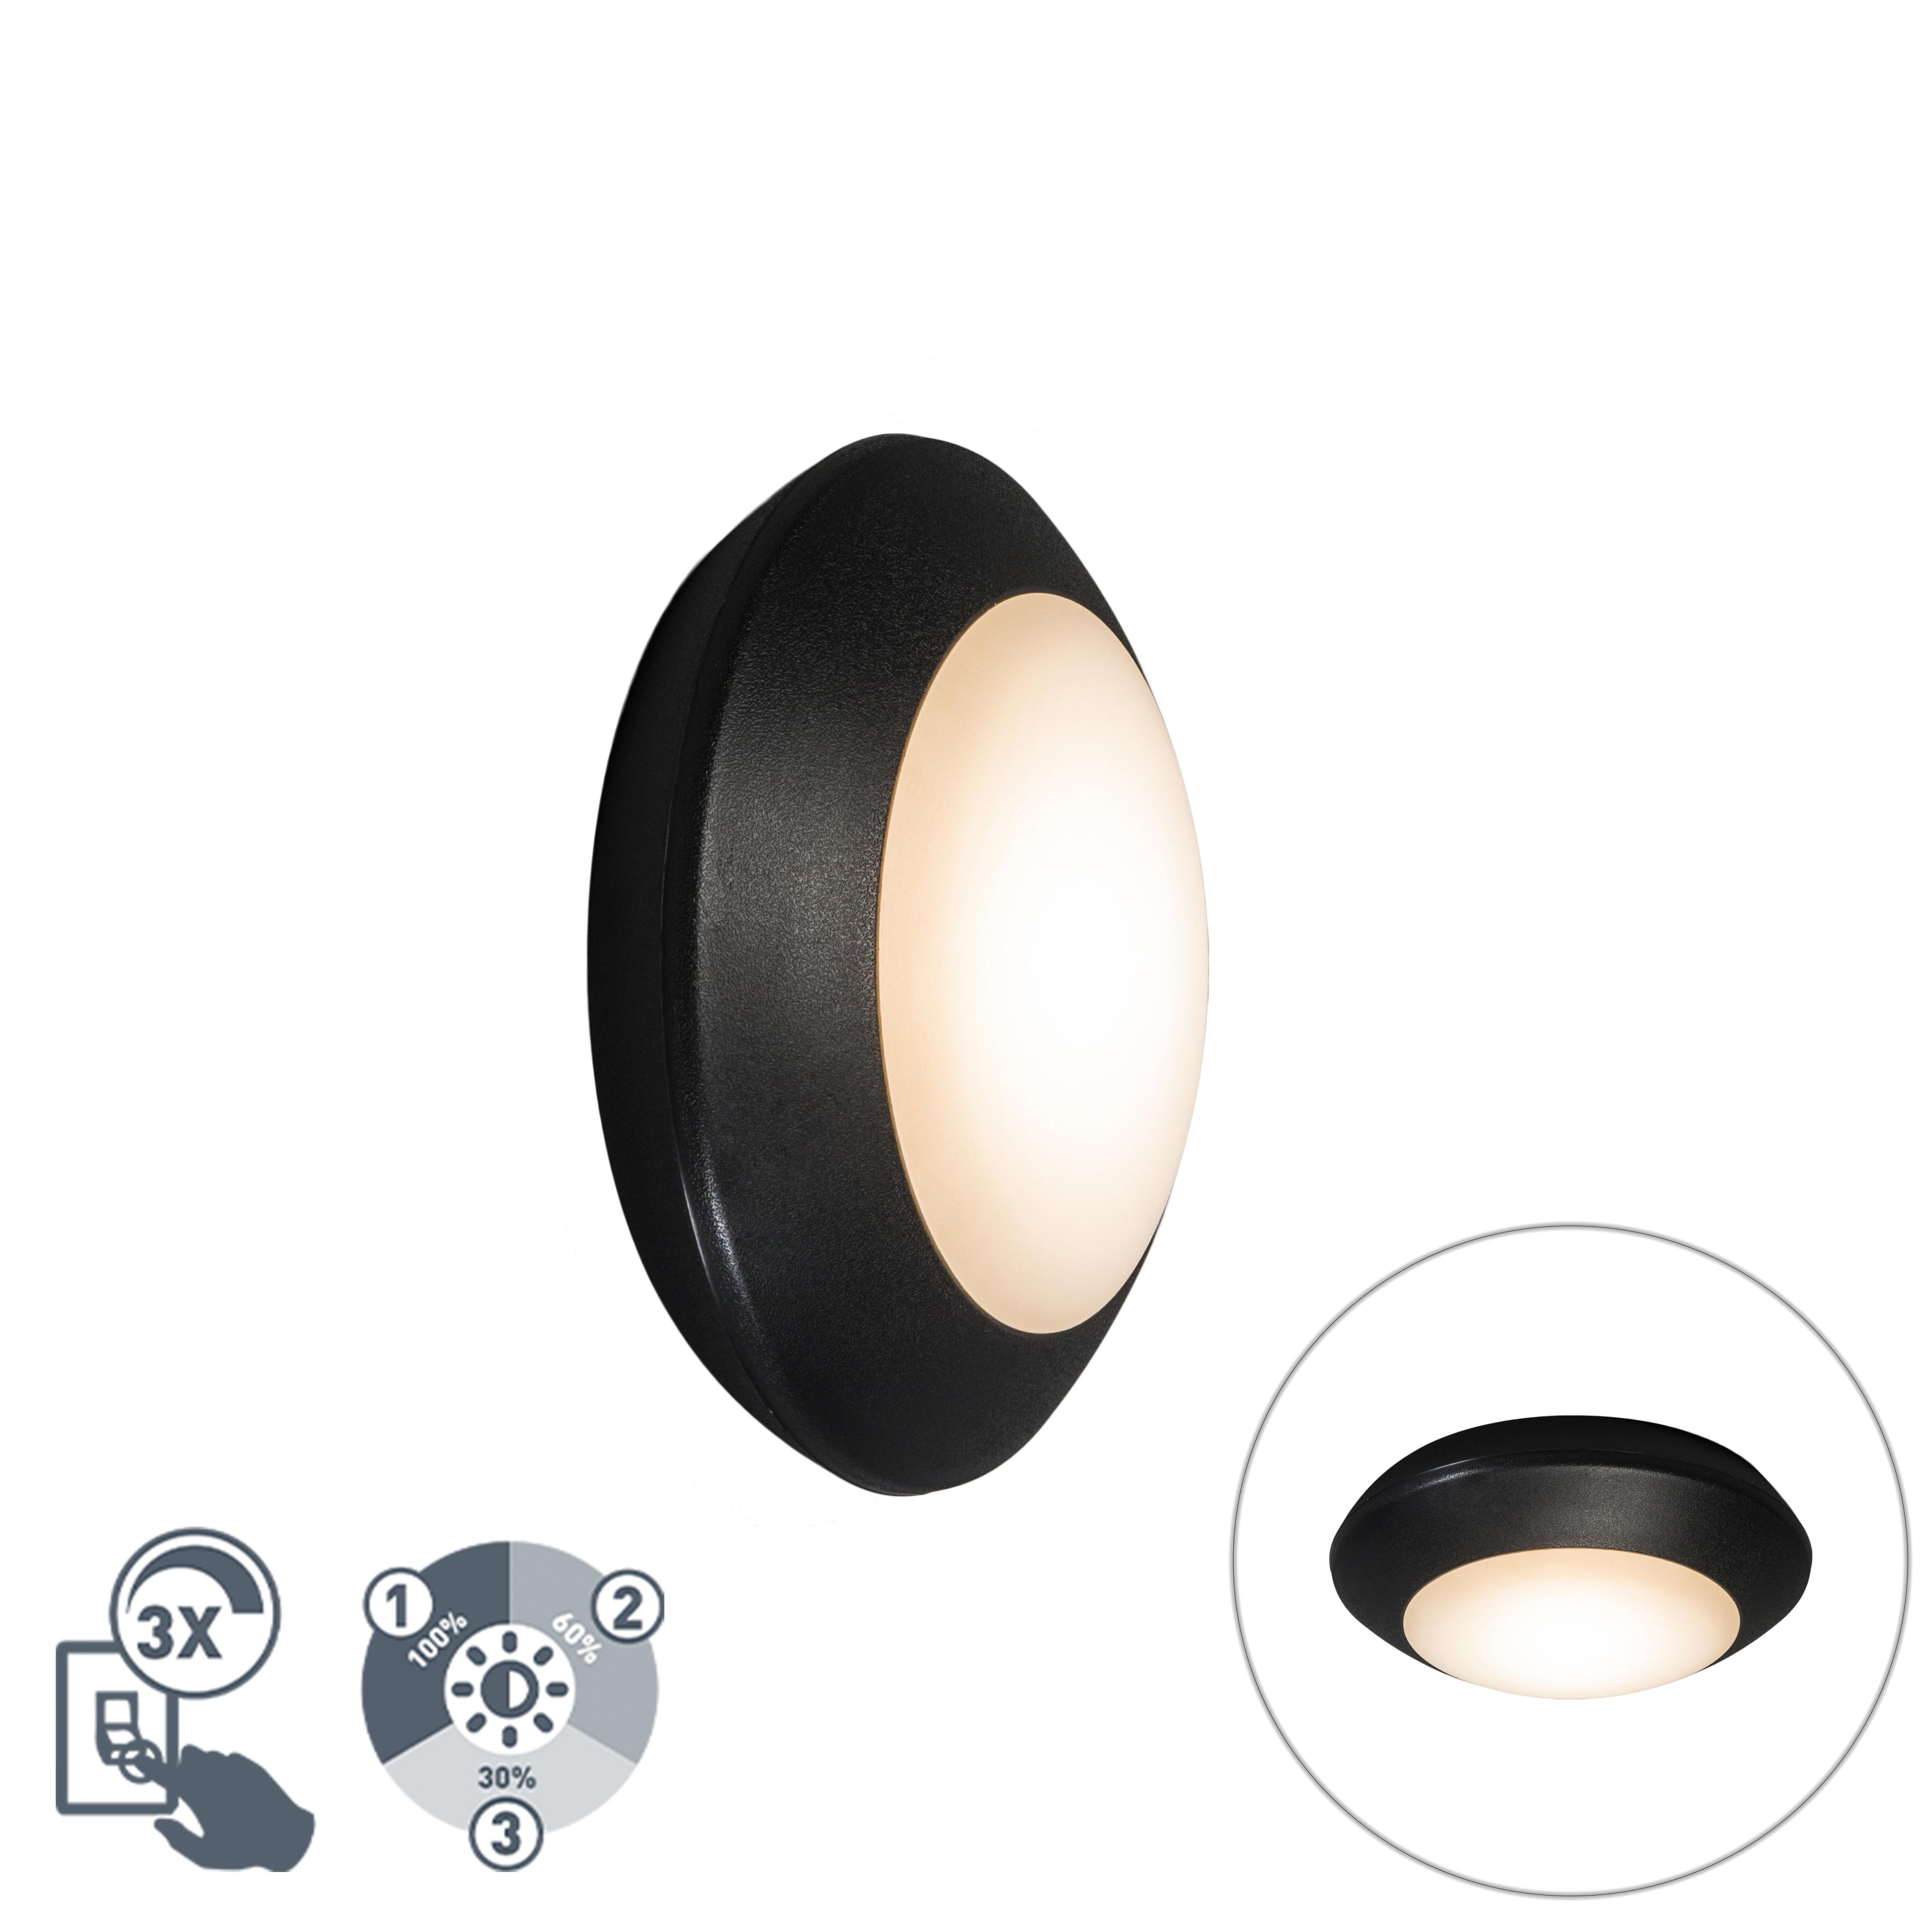 Moderne plafondlamp zwart IP65 - Bertina